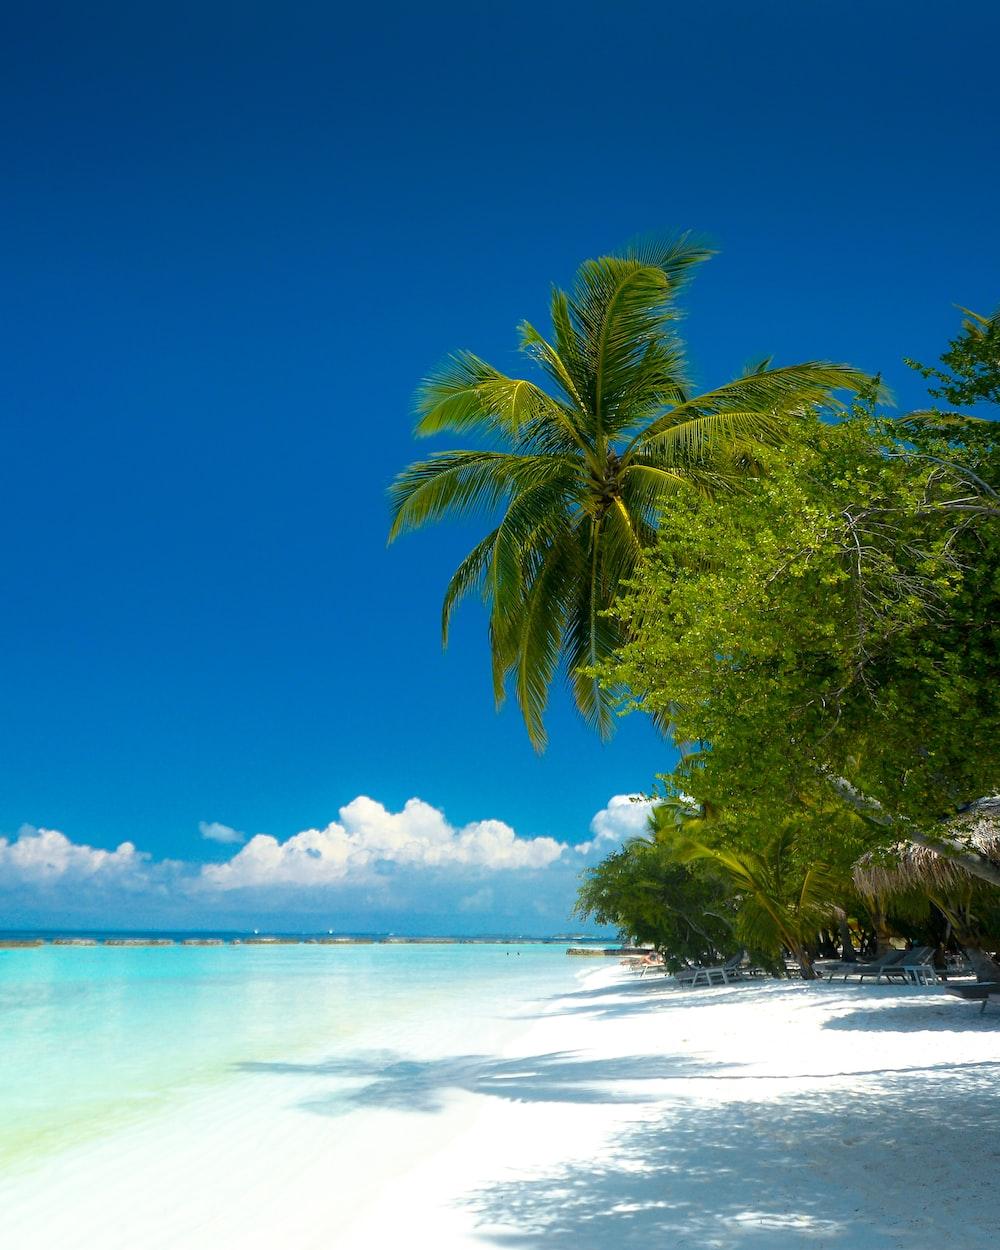 green coconut tree near seashore